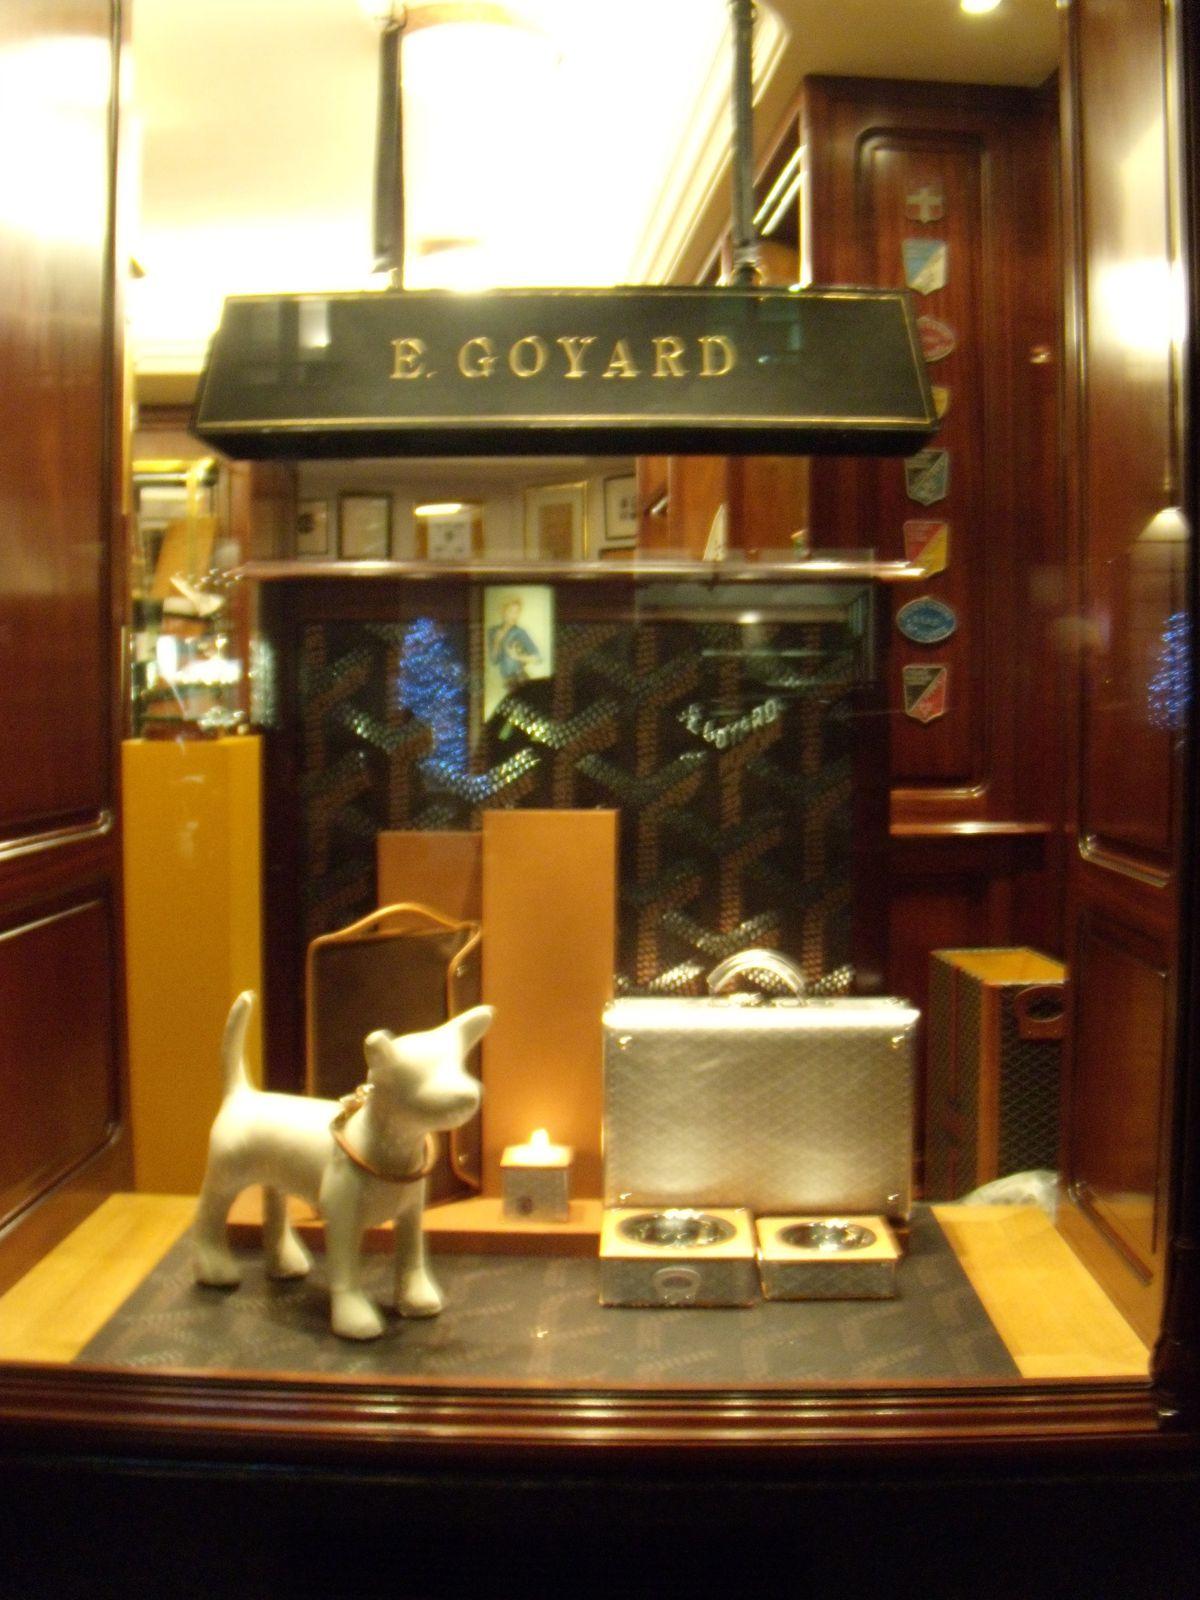 Archive 2009 blog archive le luxe selon goyard - Magasin de luxe londres ...